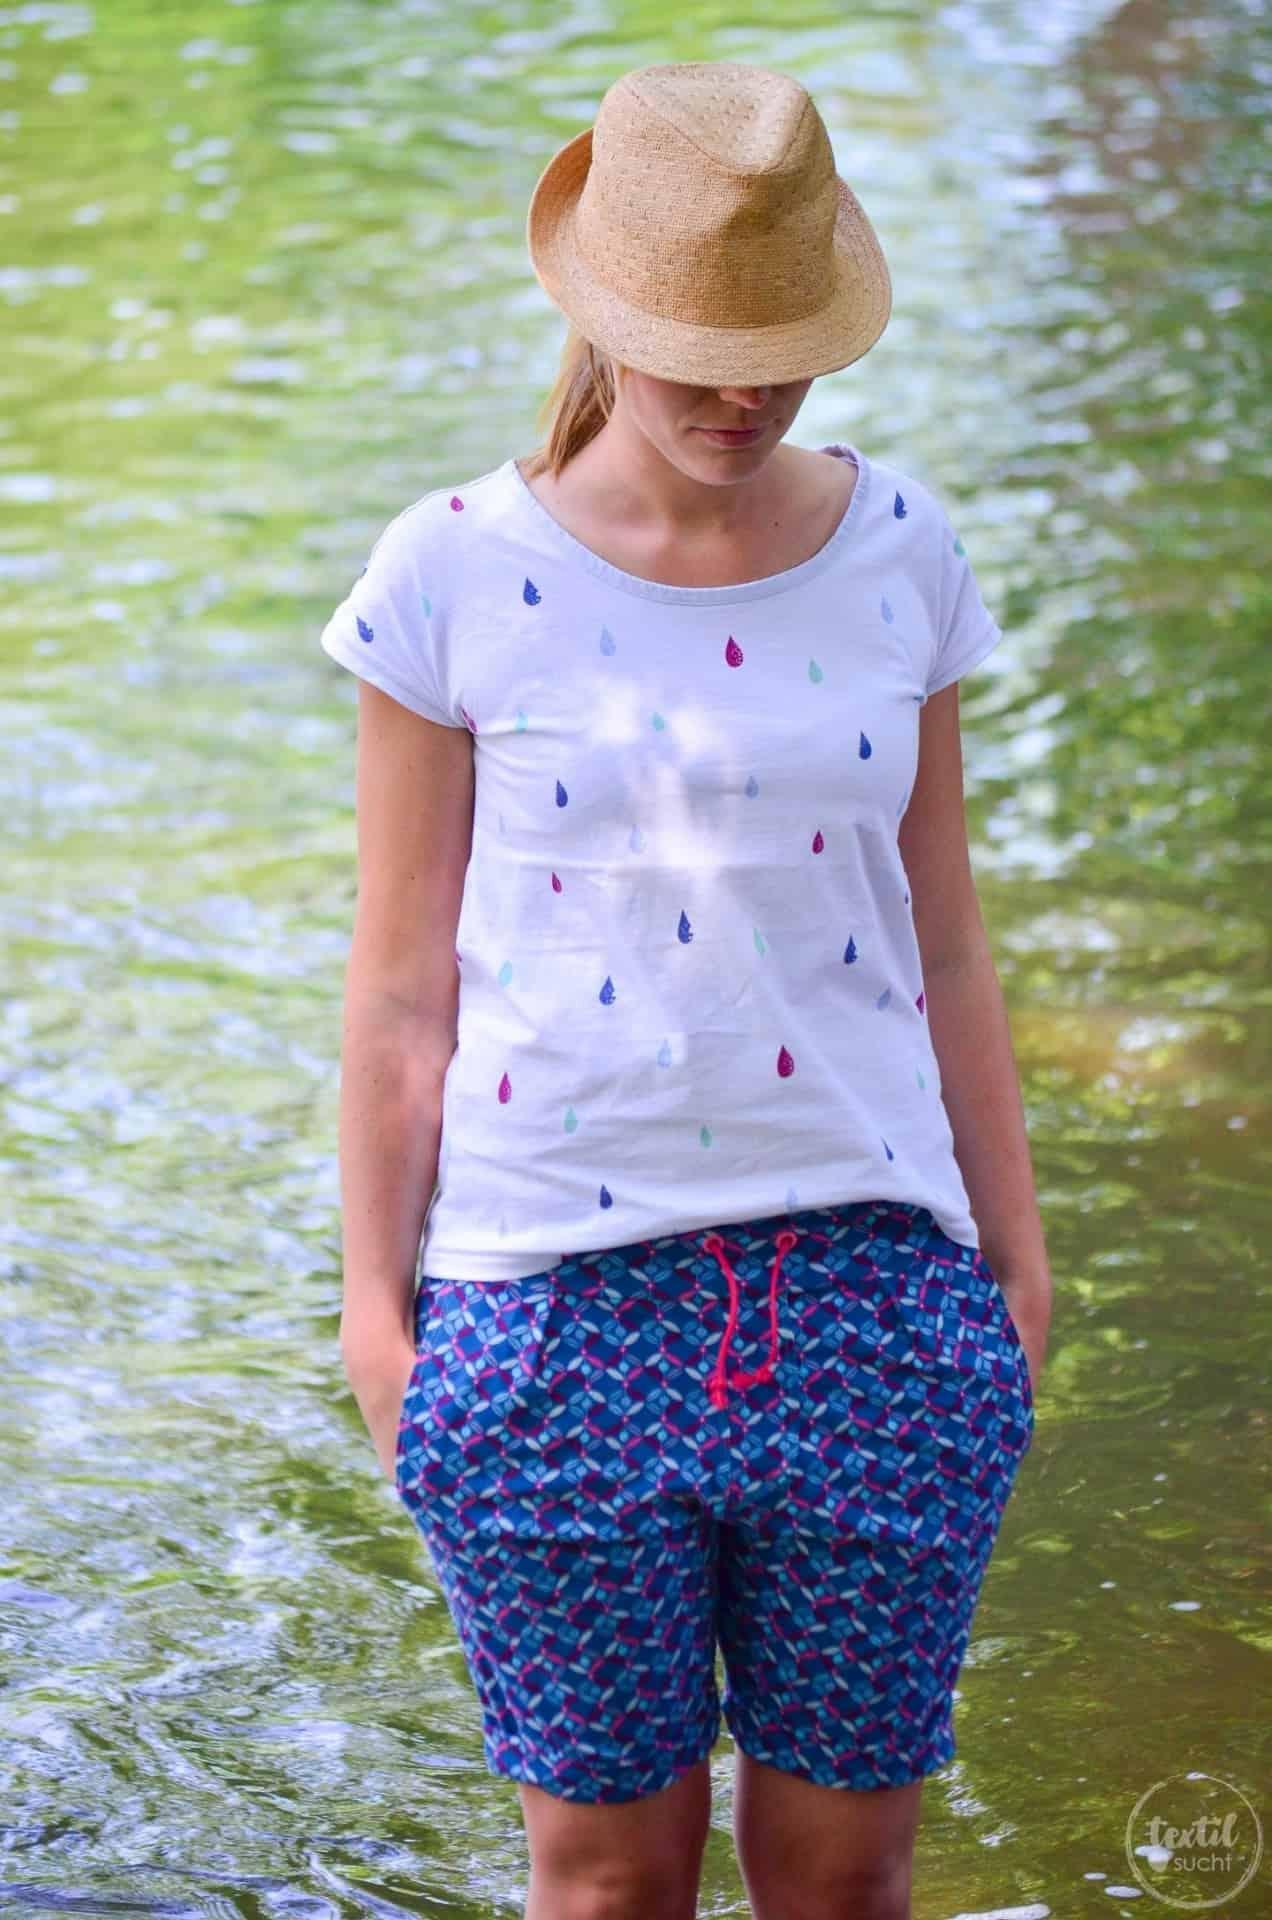 Nähen für den Sommerurlaub: Velara Shorts aus Jersey - Bild 1 | textilsucht.de